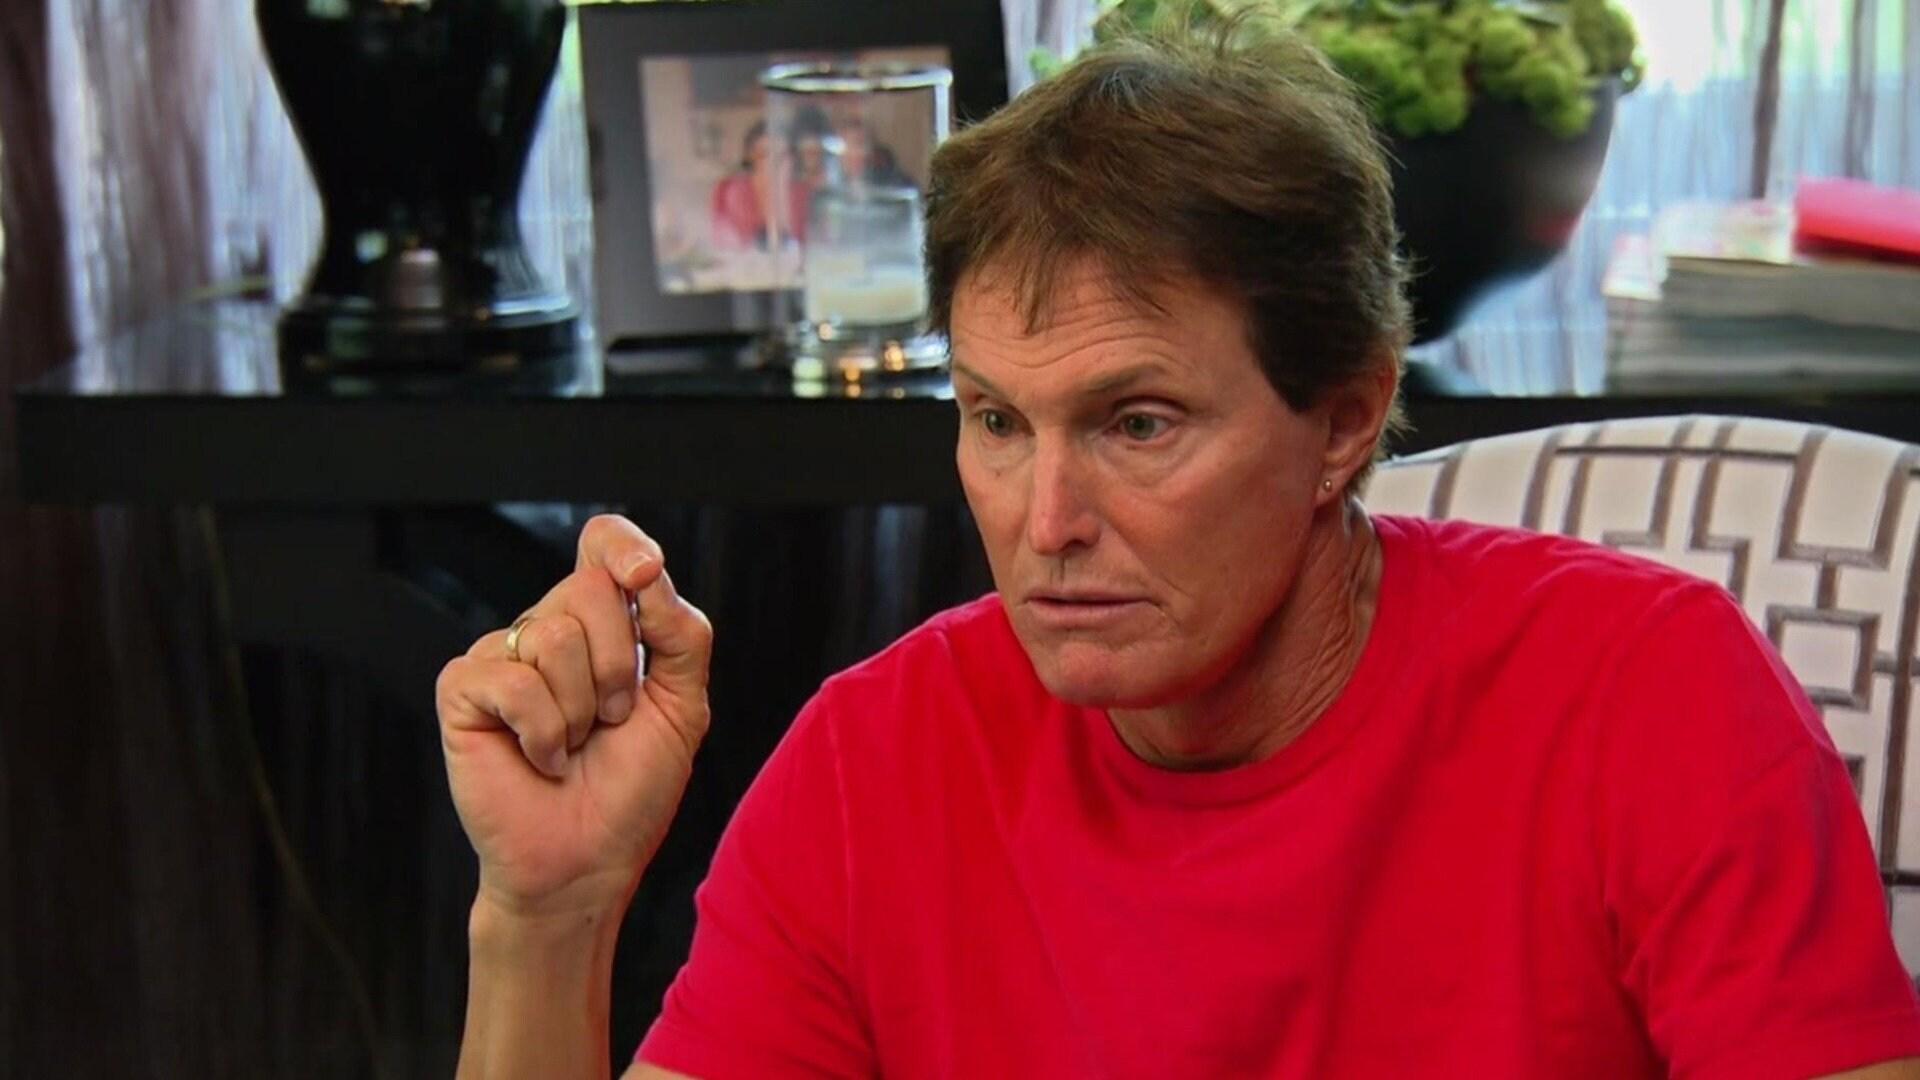 The Former Mrs. Jenner